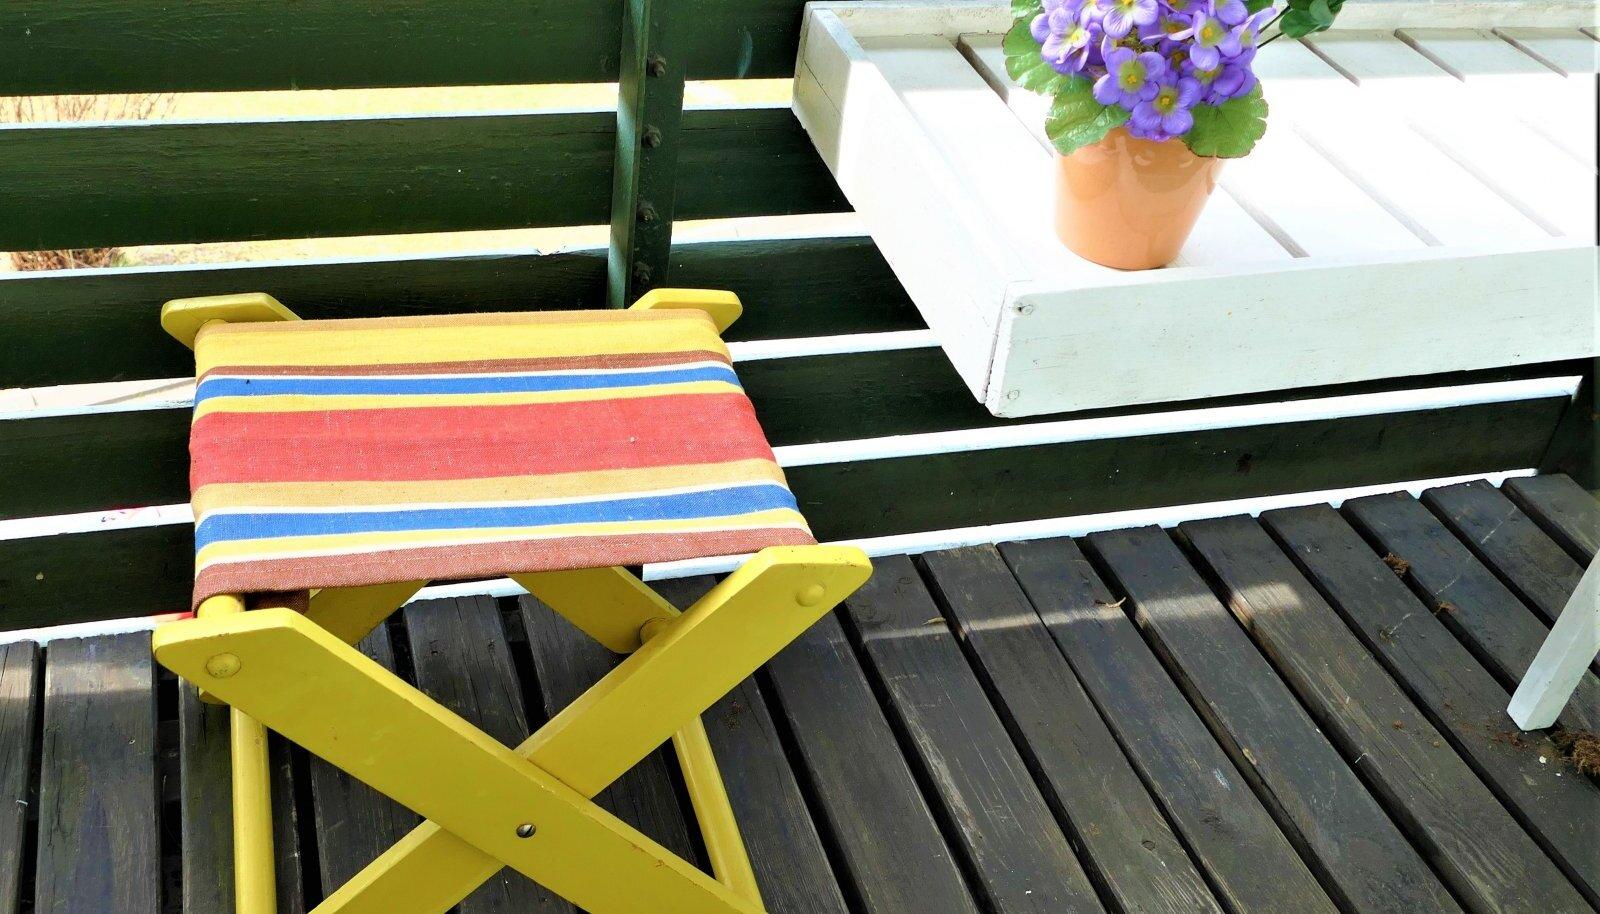 Riidega kaetud kokkukäiv taburet võtab vähe ruumi ja seda saab kasutada näiteks rõdul või köögis.